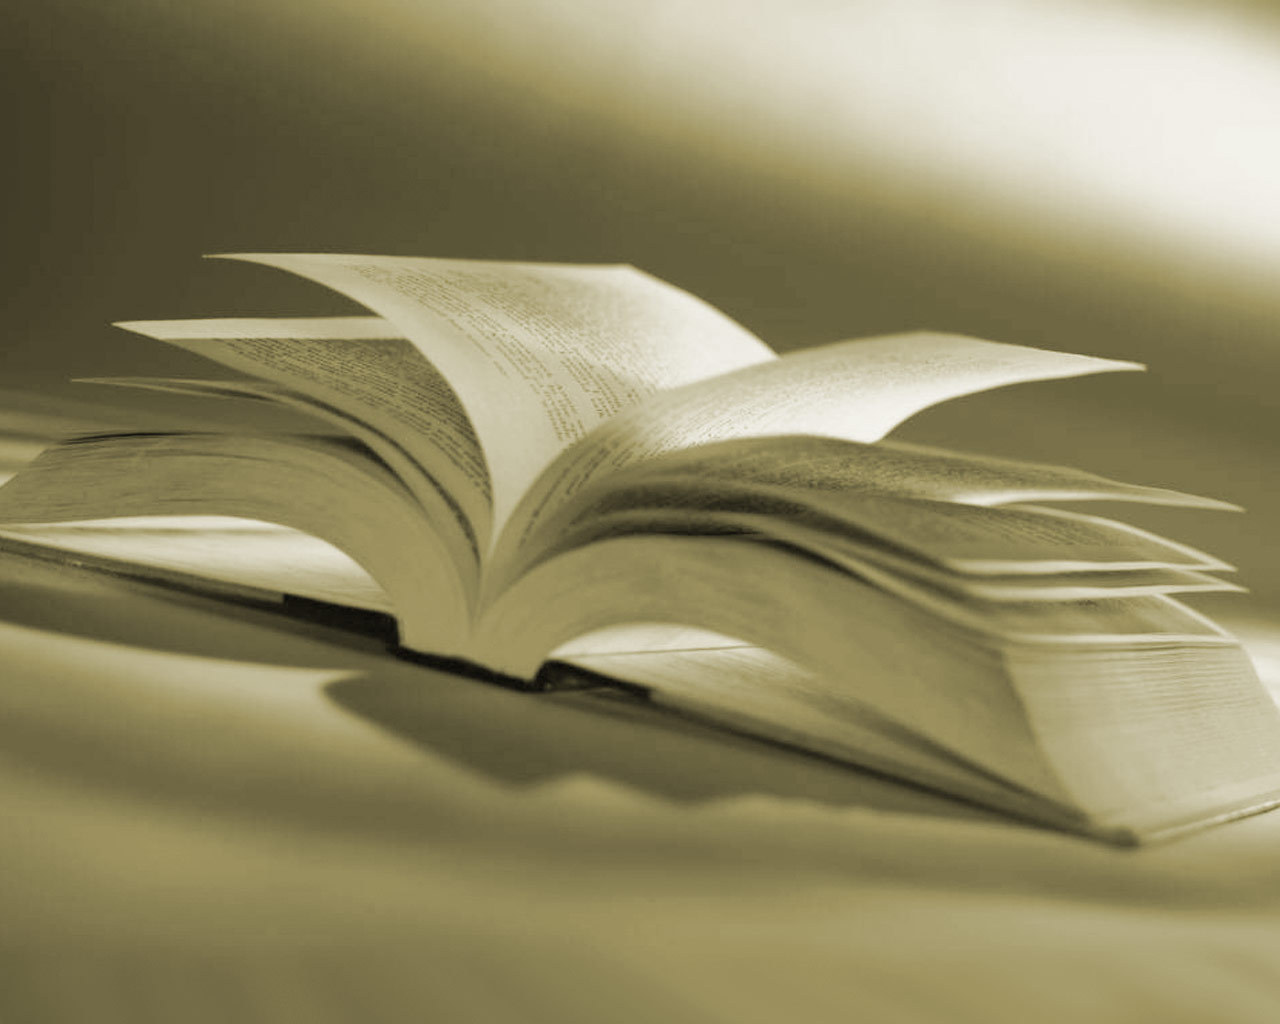 libros fondo de pantalla